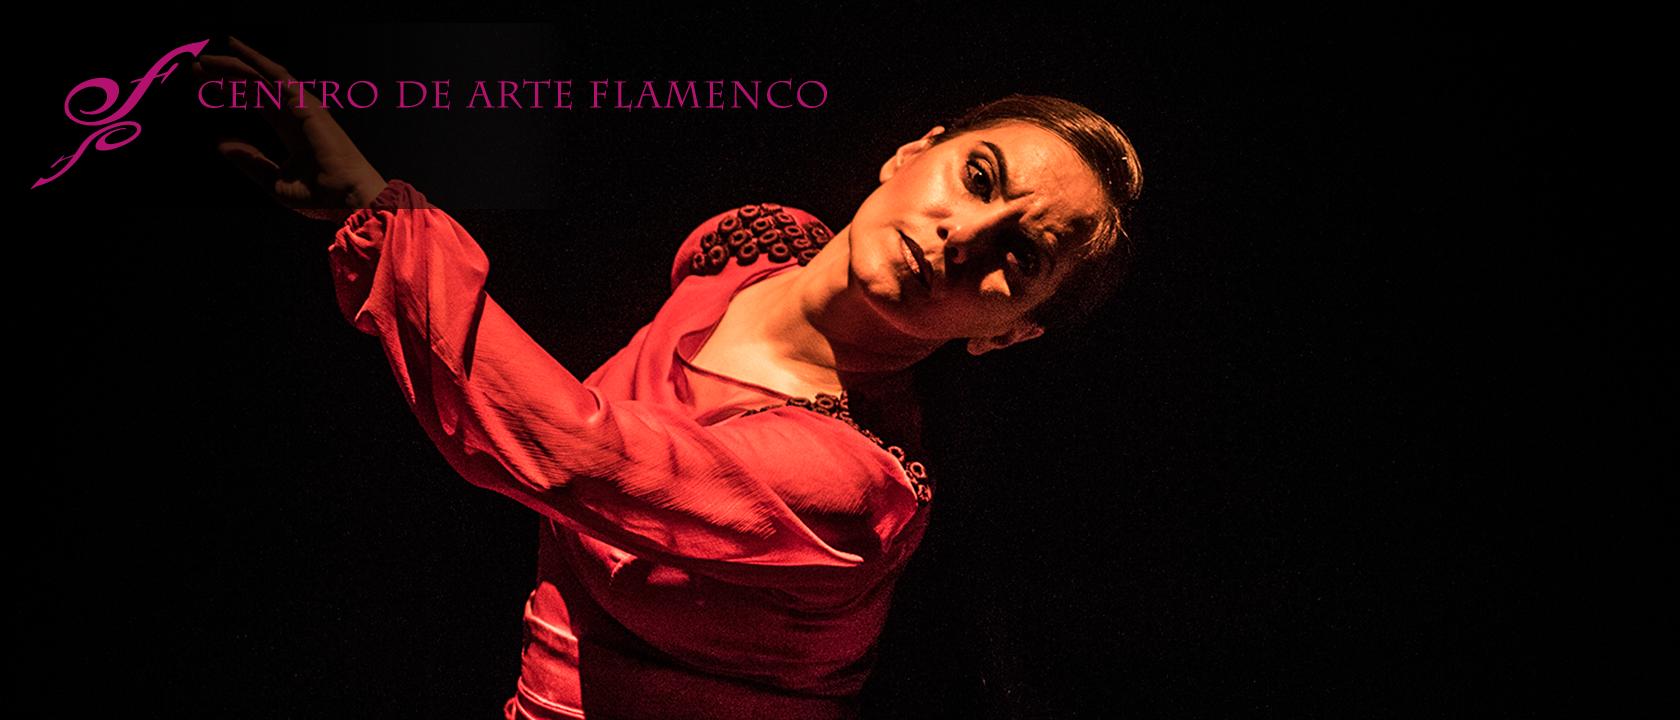 Flamencoworkshops mit Rafaela Carrasco: Oktober 2018